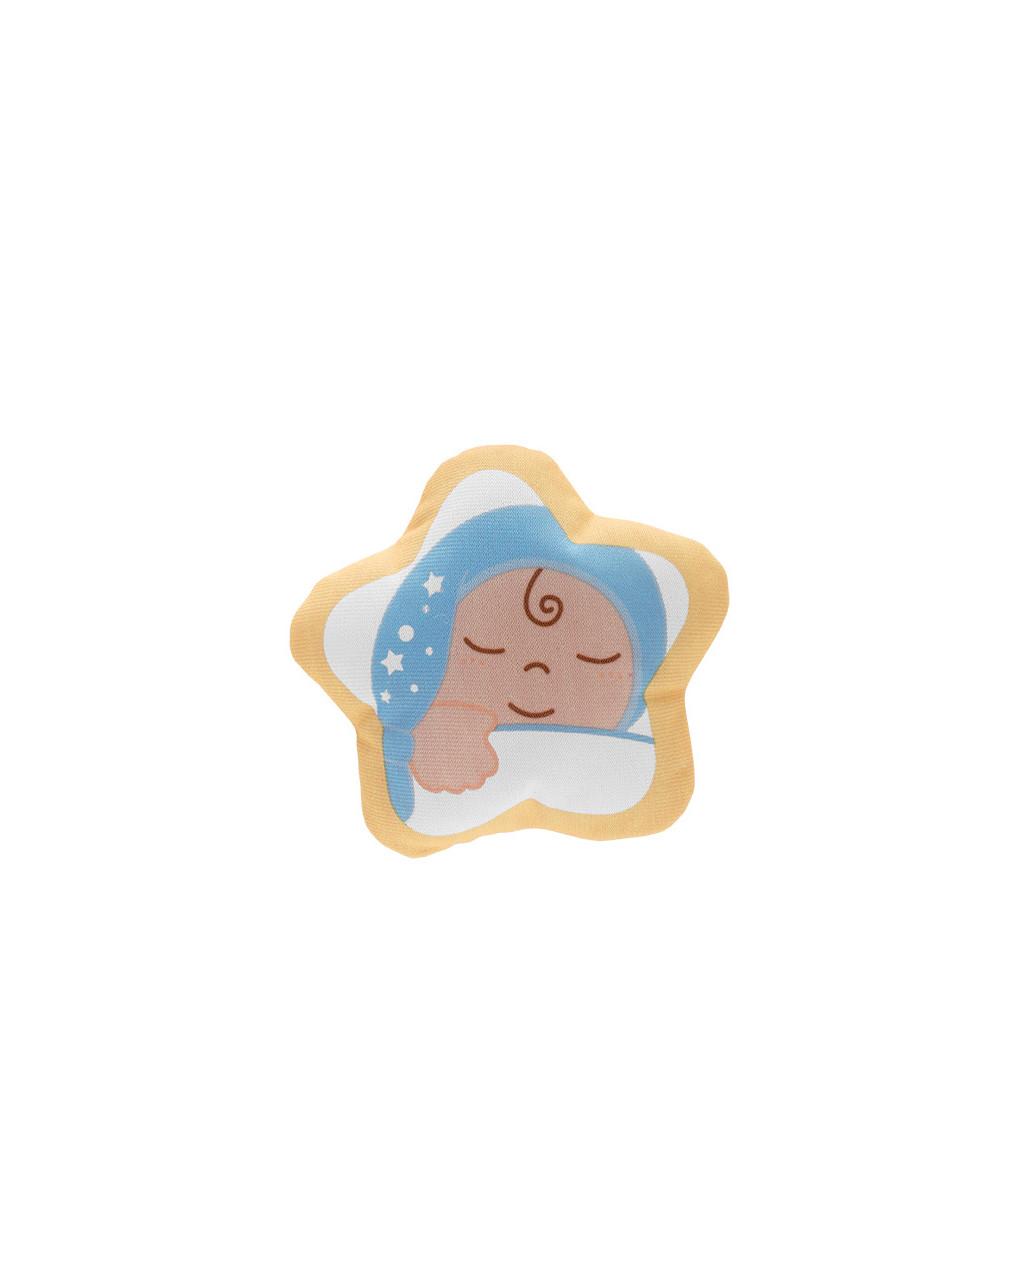 Chicco - giostrina magia di stelle azzurra - Chicco